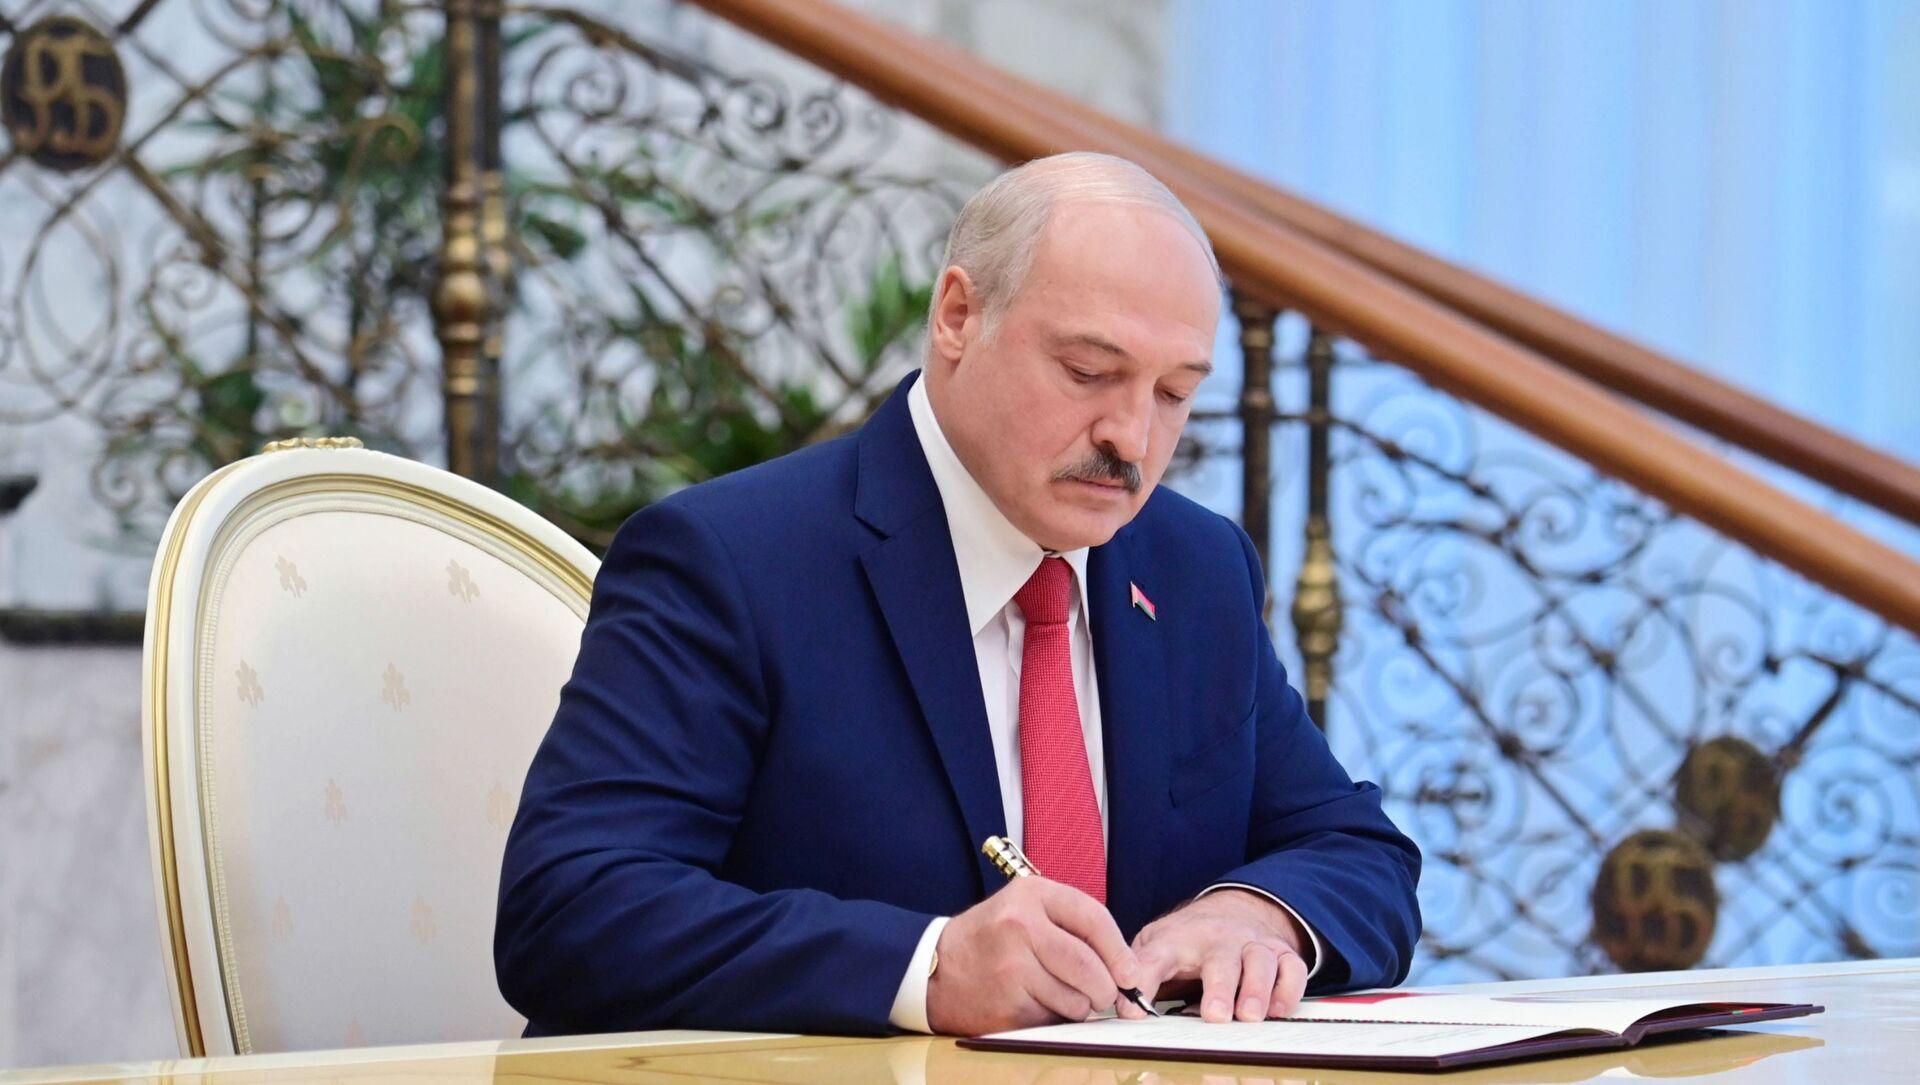 Prezydent Białorusi Aleksandr Łukaszenka. - Sputnik Polska, 1920, 09.05.2021